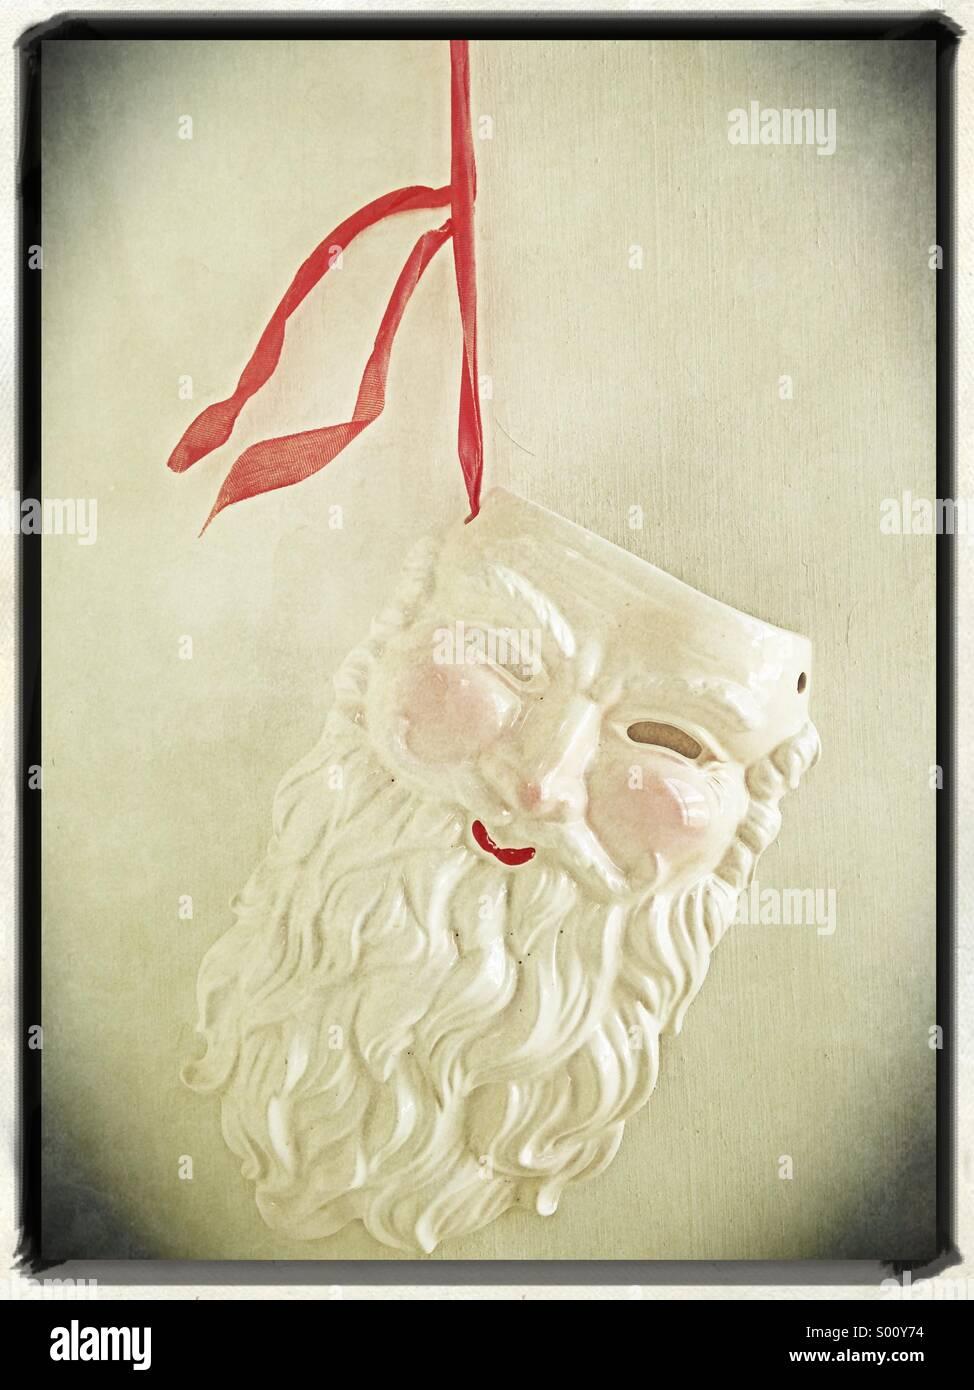 Una cerámica con decoración de Santa Claus. Imagen De Stock